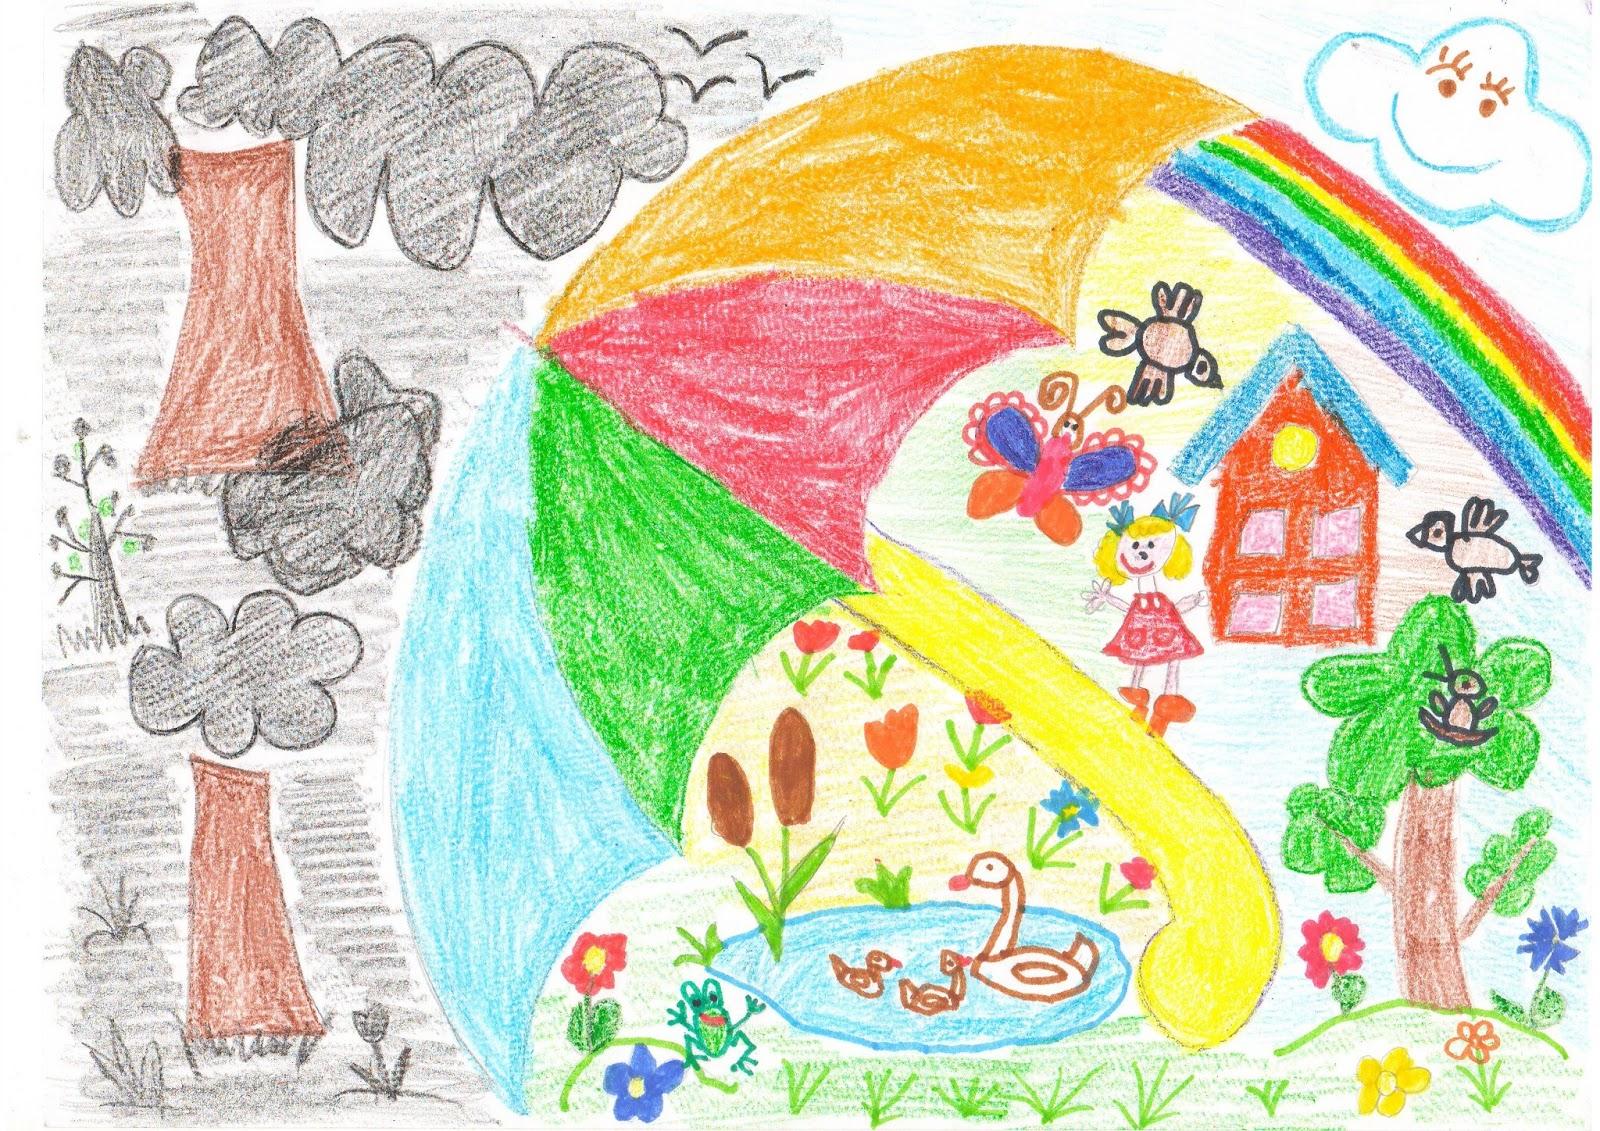 Картинки по запросу Конкурс рисунков «Здоровье глазами детей»